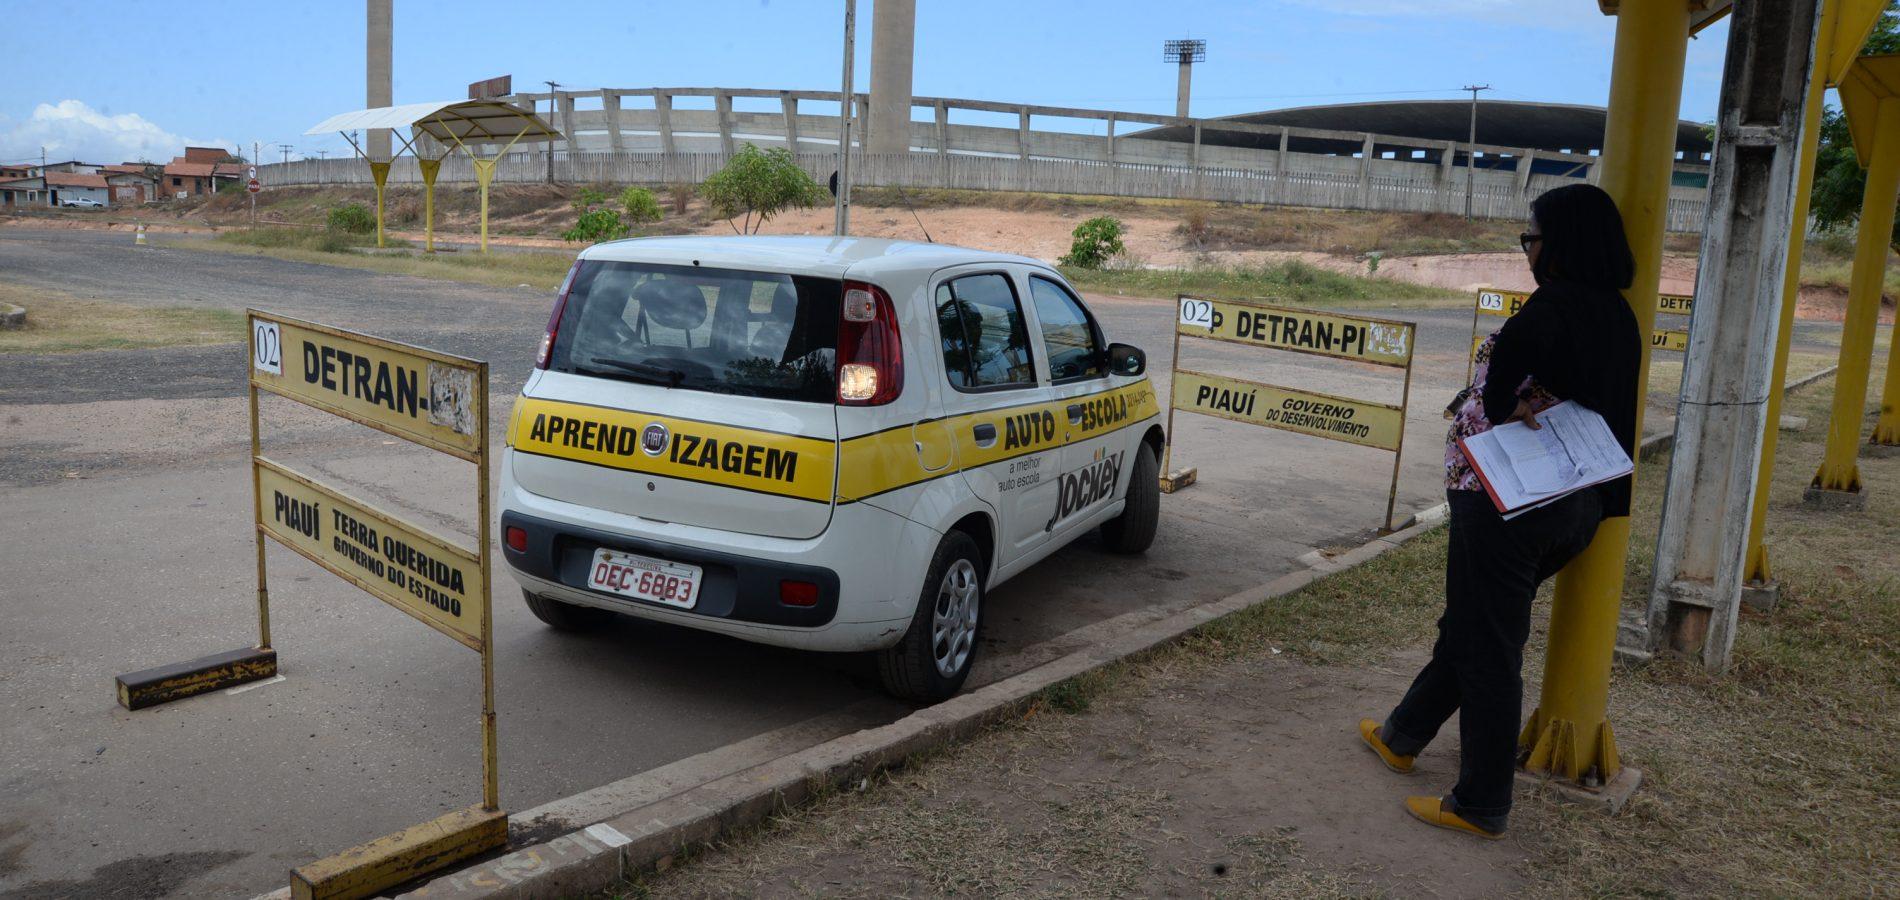 Detran vai realizar exames práticos em Jaicós e outras cidades do interior do Piauí